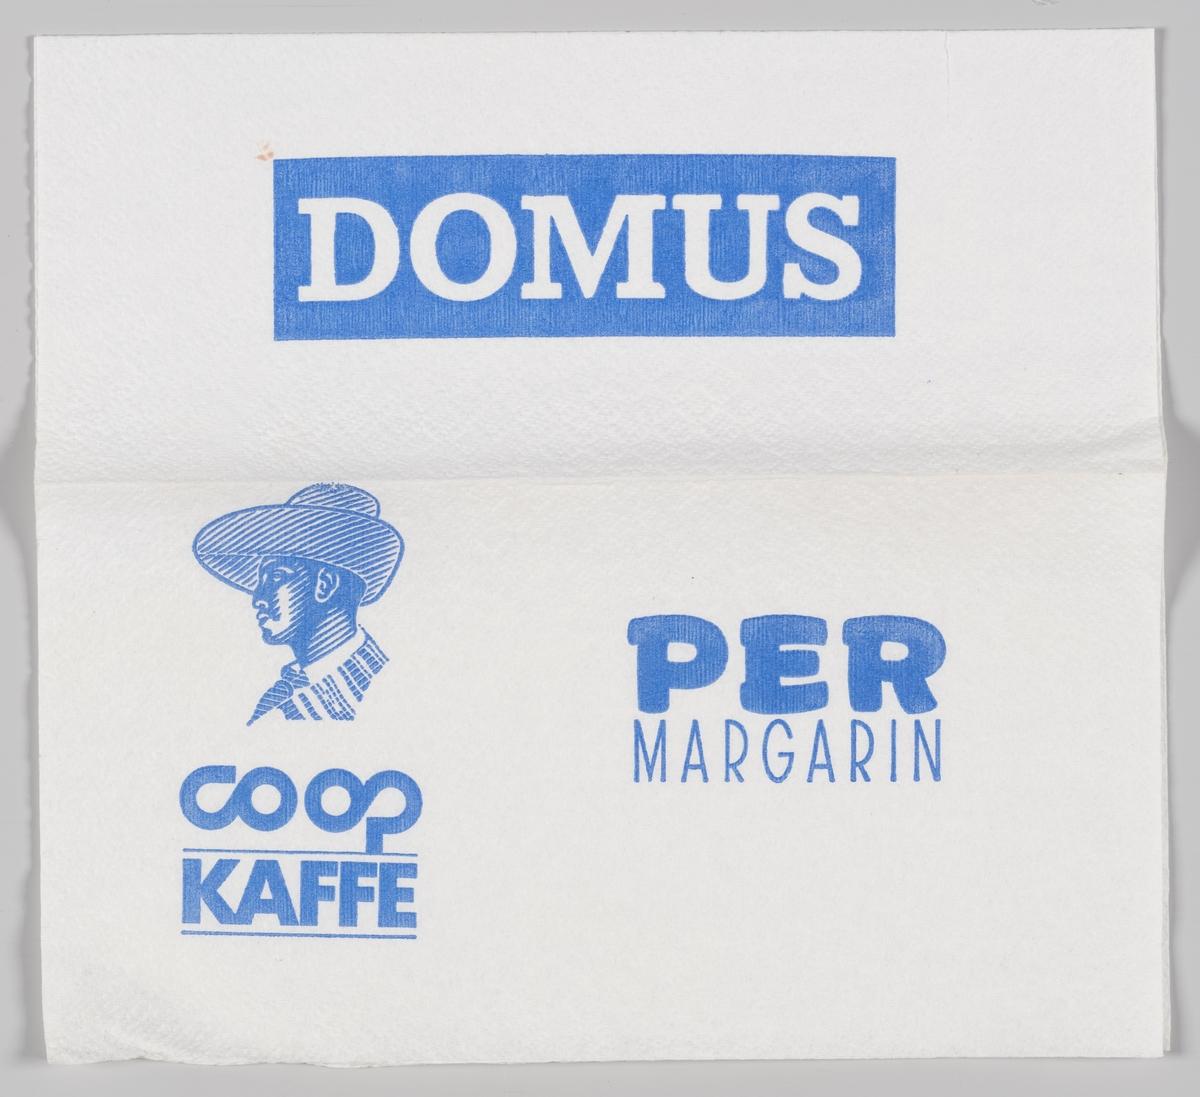 Tegning av en mann med hatt og reklame for Domus, Coop kaffe og Per magarin.  Den første DOMUS stormarked åpnet i 1968 og i 1997 ble kjedekonseptet omprofilert til Coop Obs!